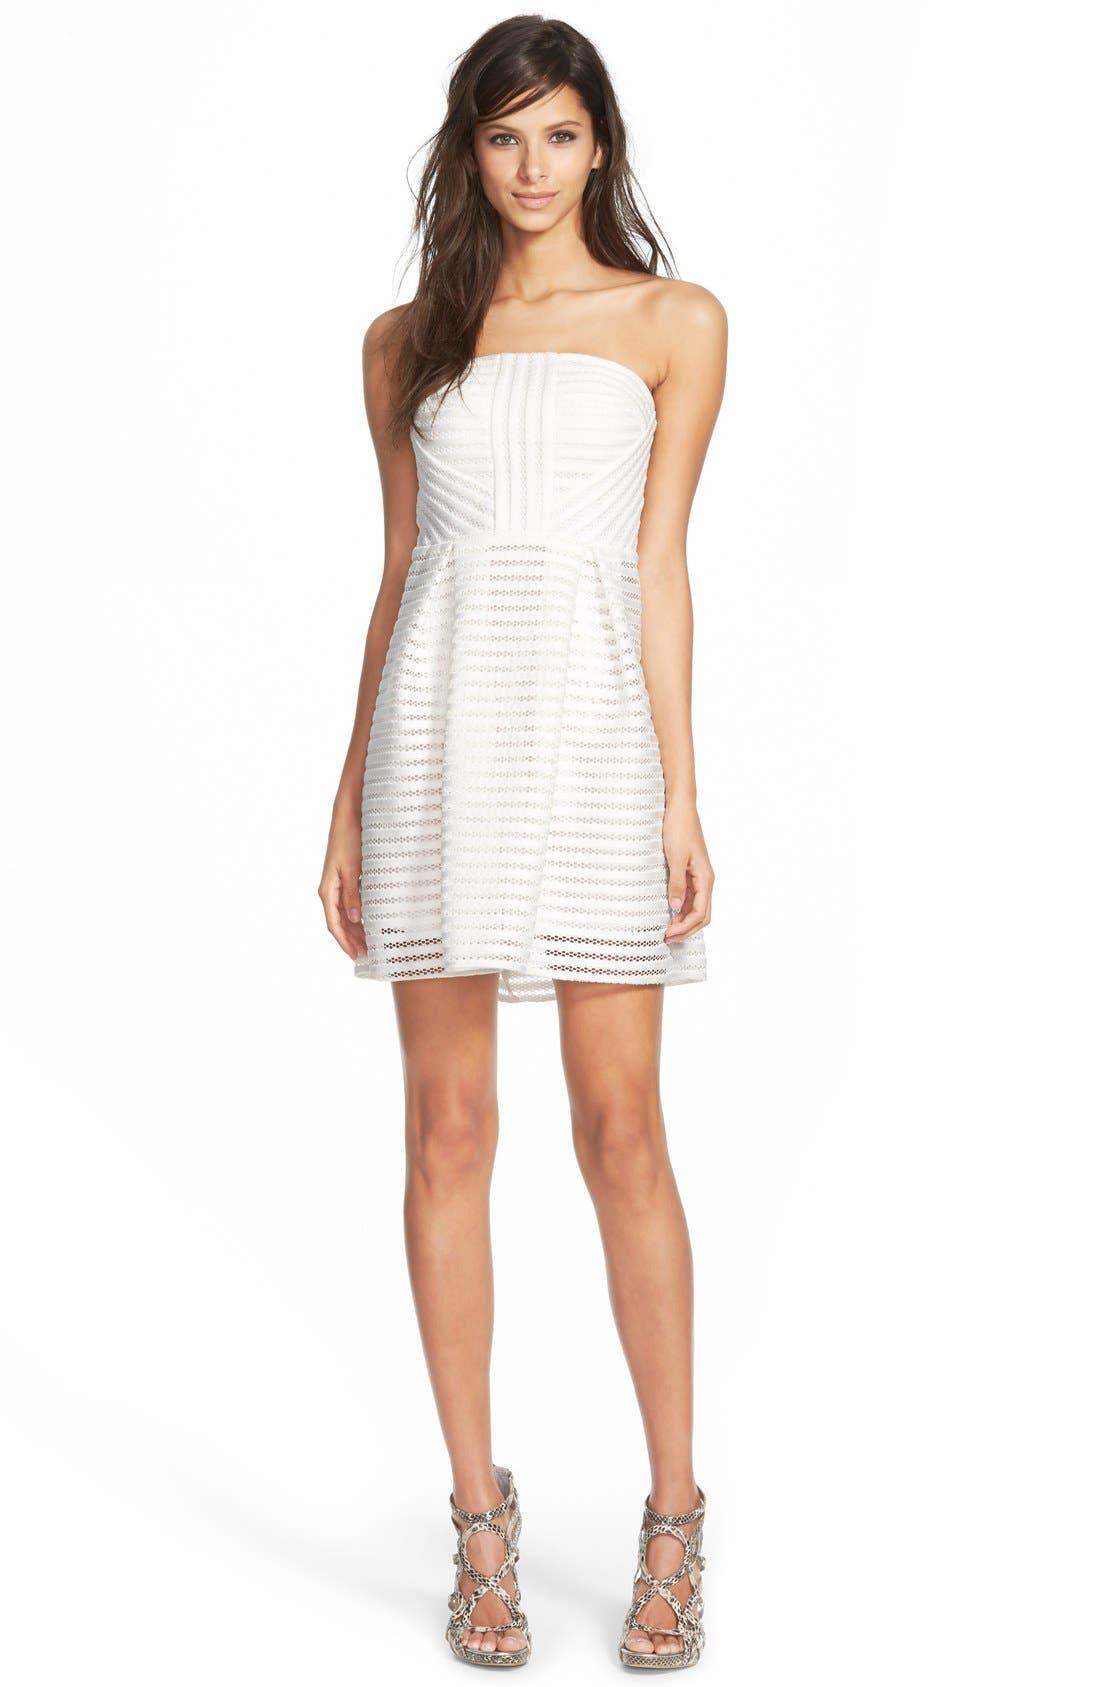 Alternate Image 1 Selected - Missguided Strapless Skater Dress